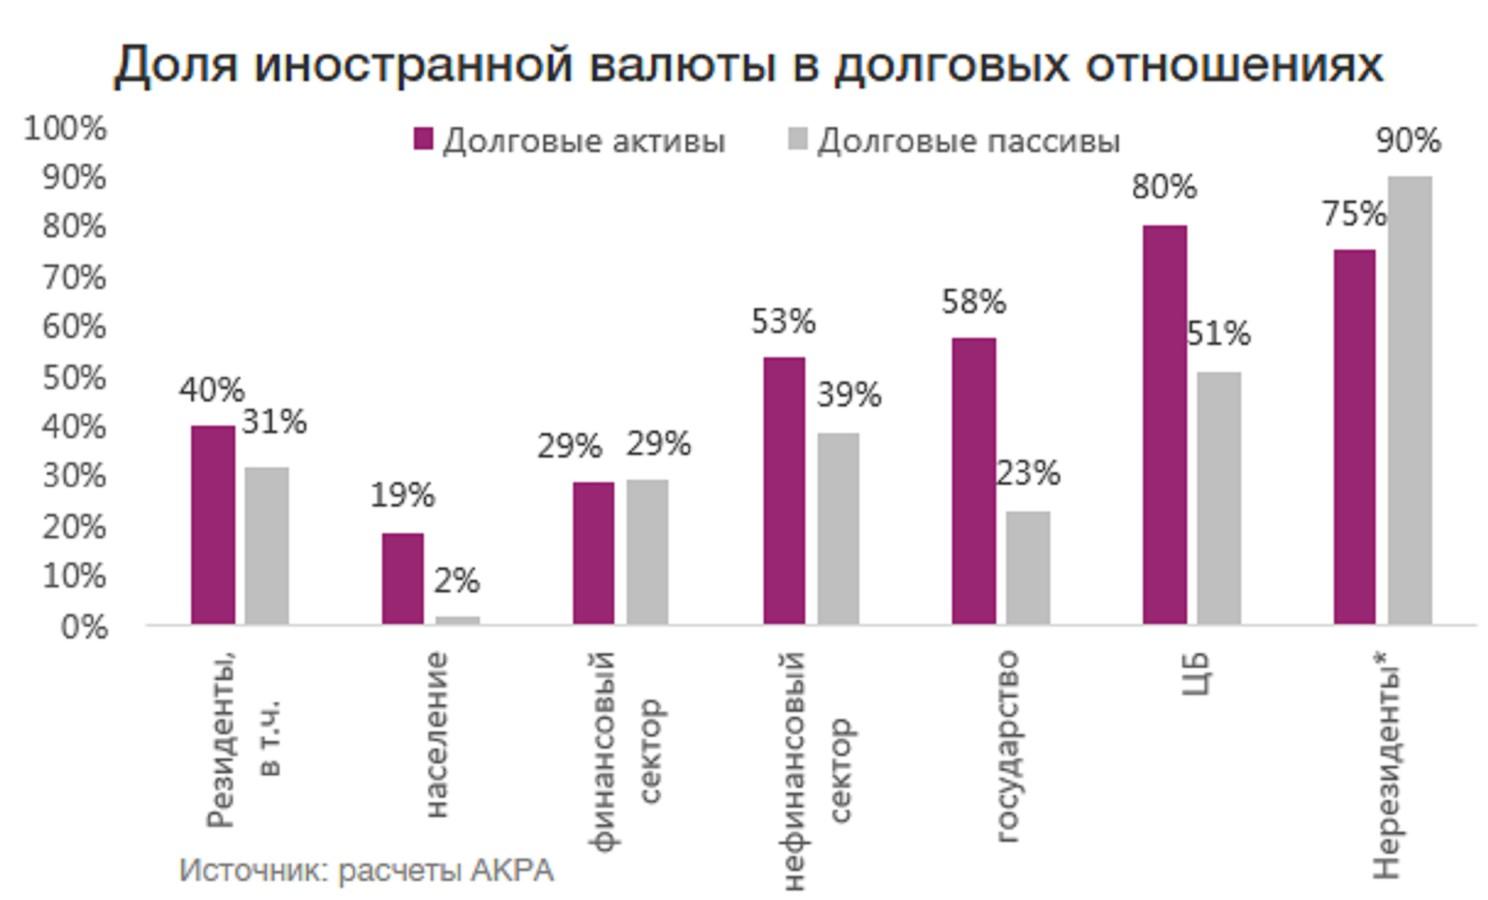 АКРА: валютный риск для финсистемы РФ нивелирован